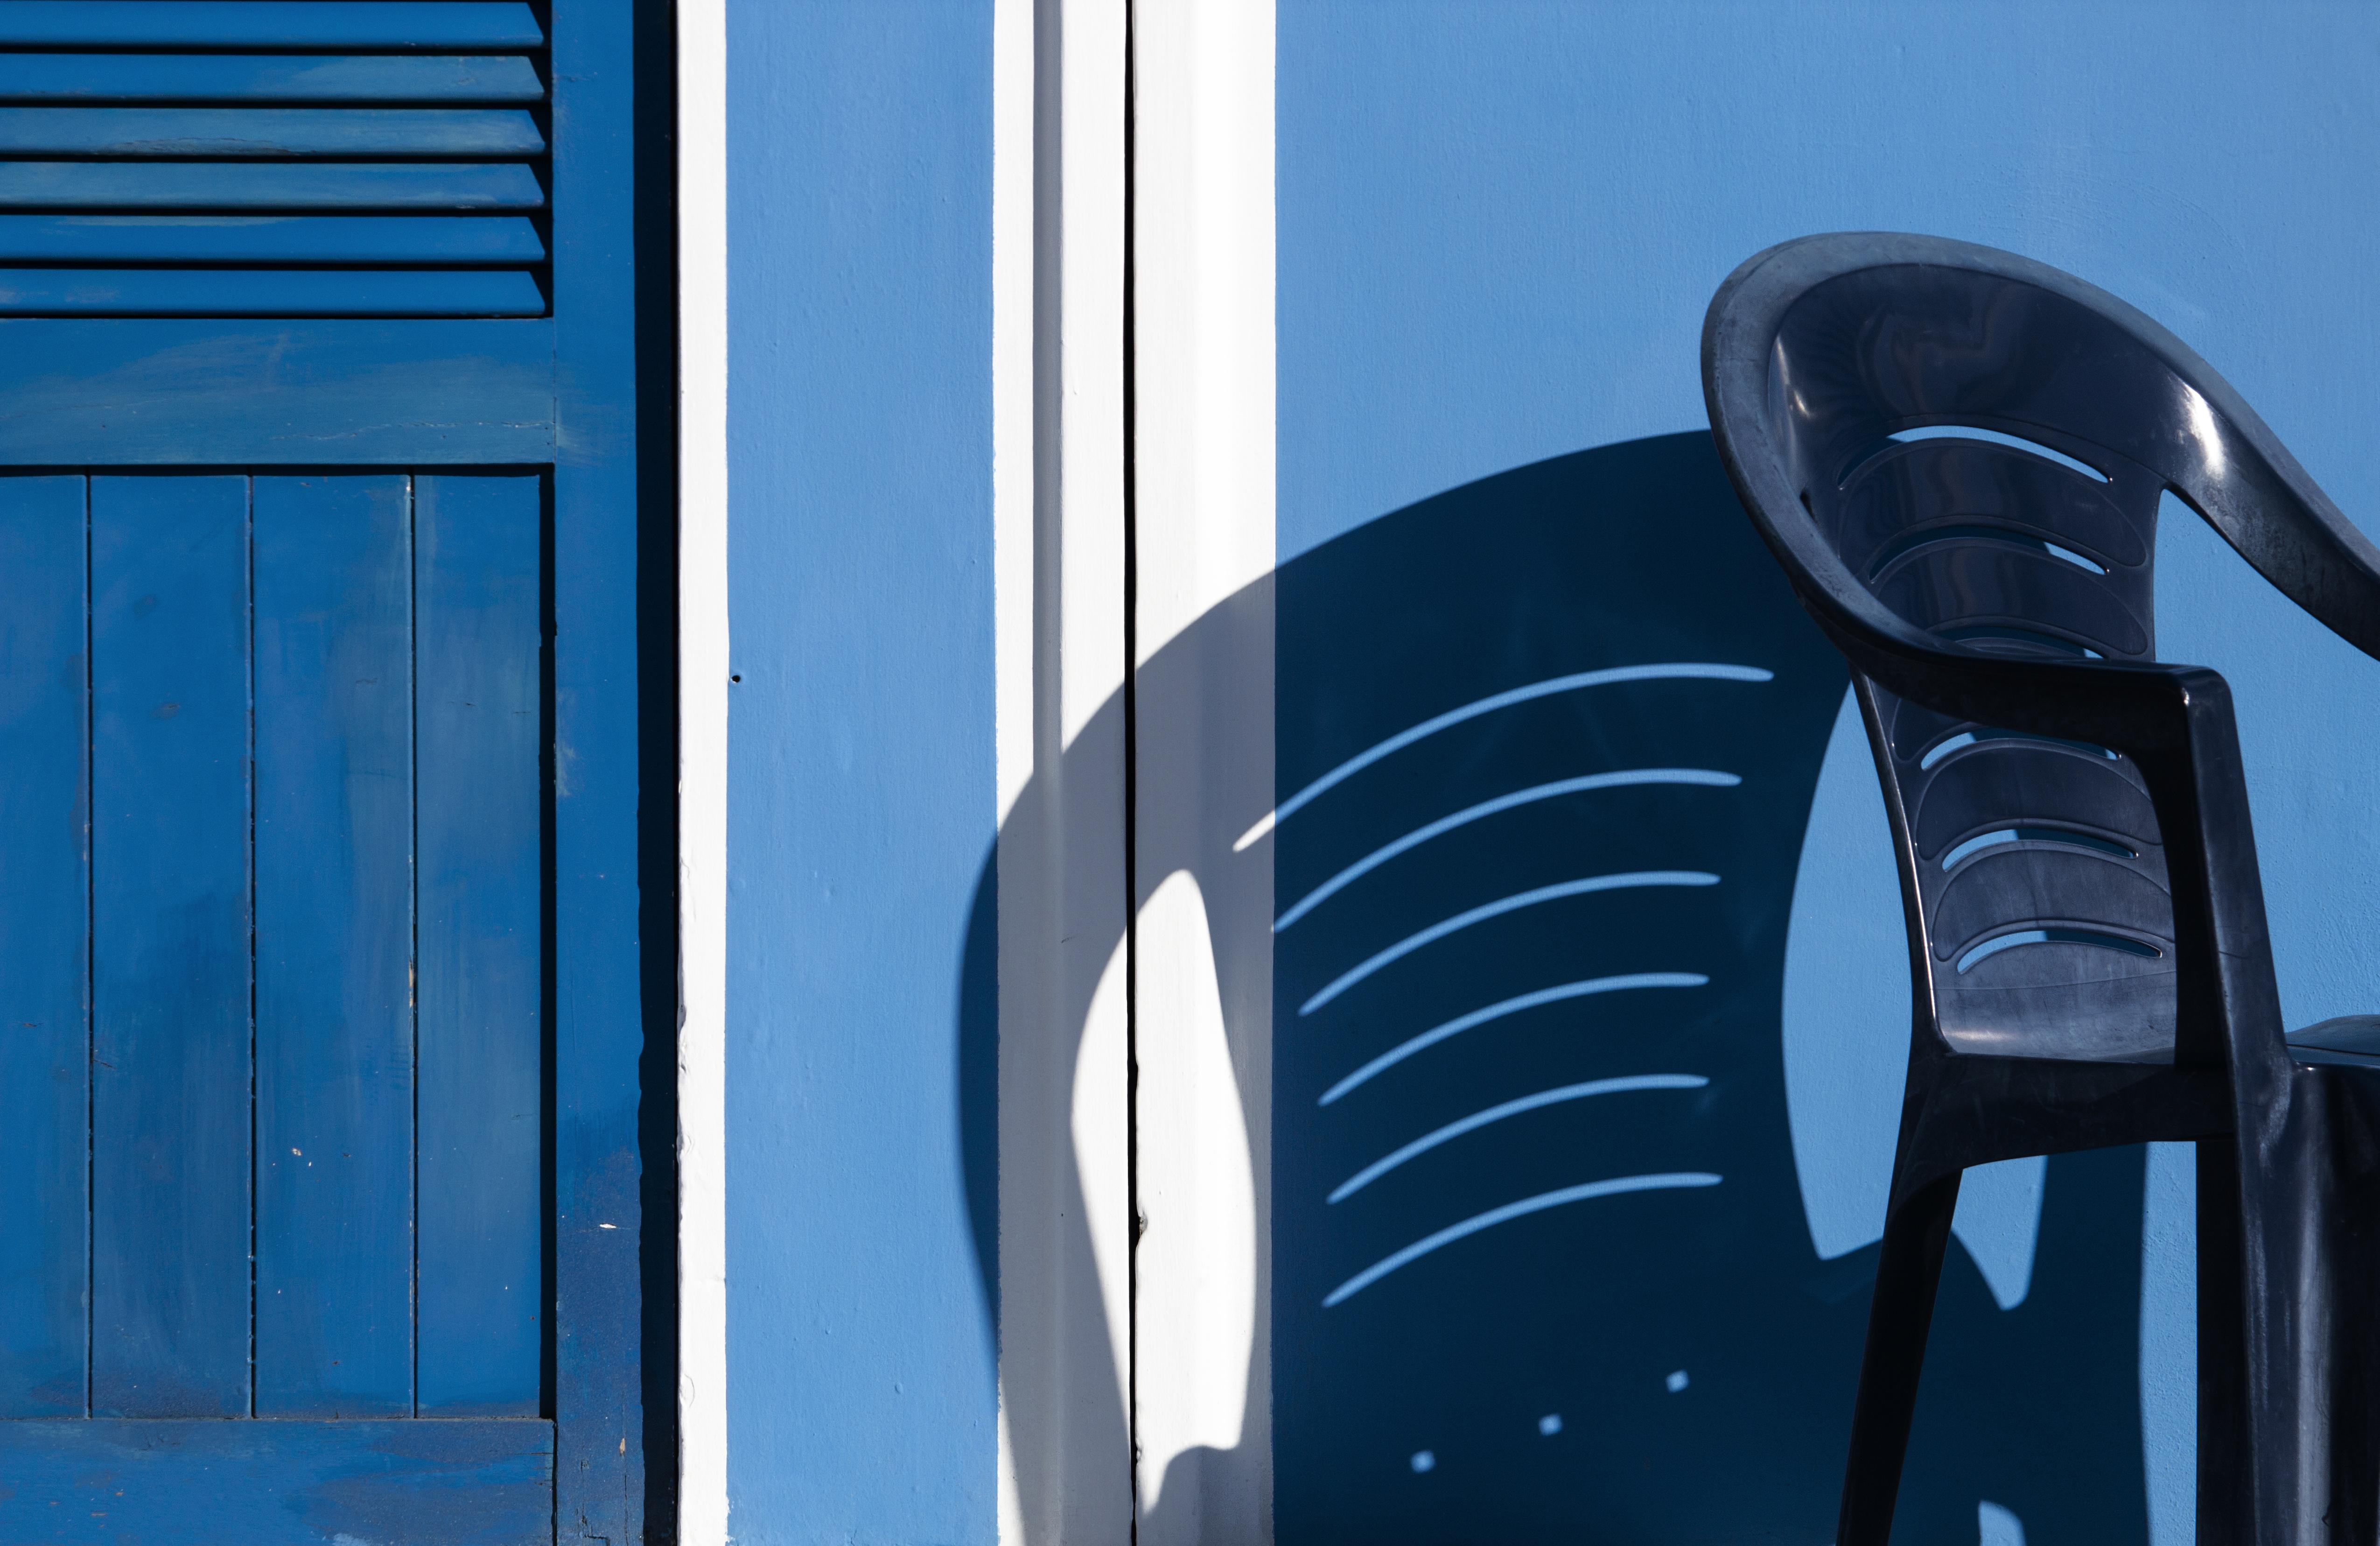 Sedie Blu Elettrico : Sfondi : finestra italia architettura costruzione cielo